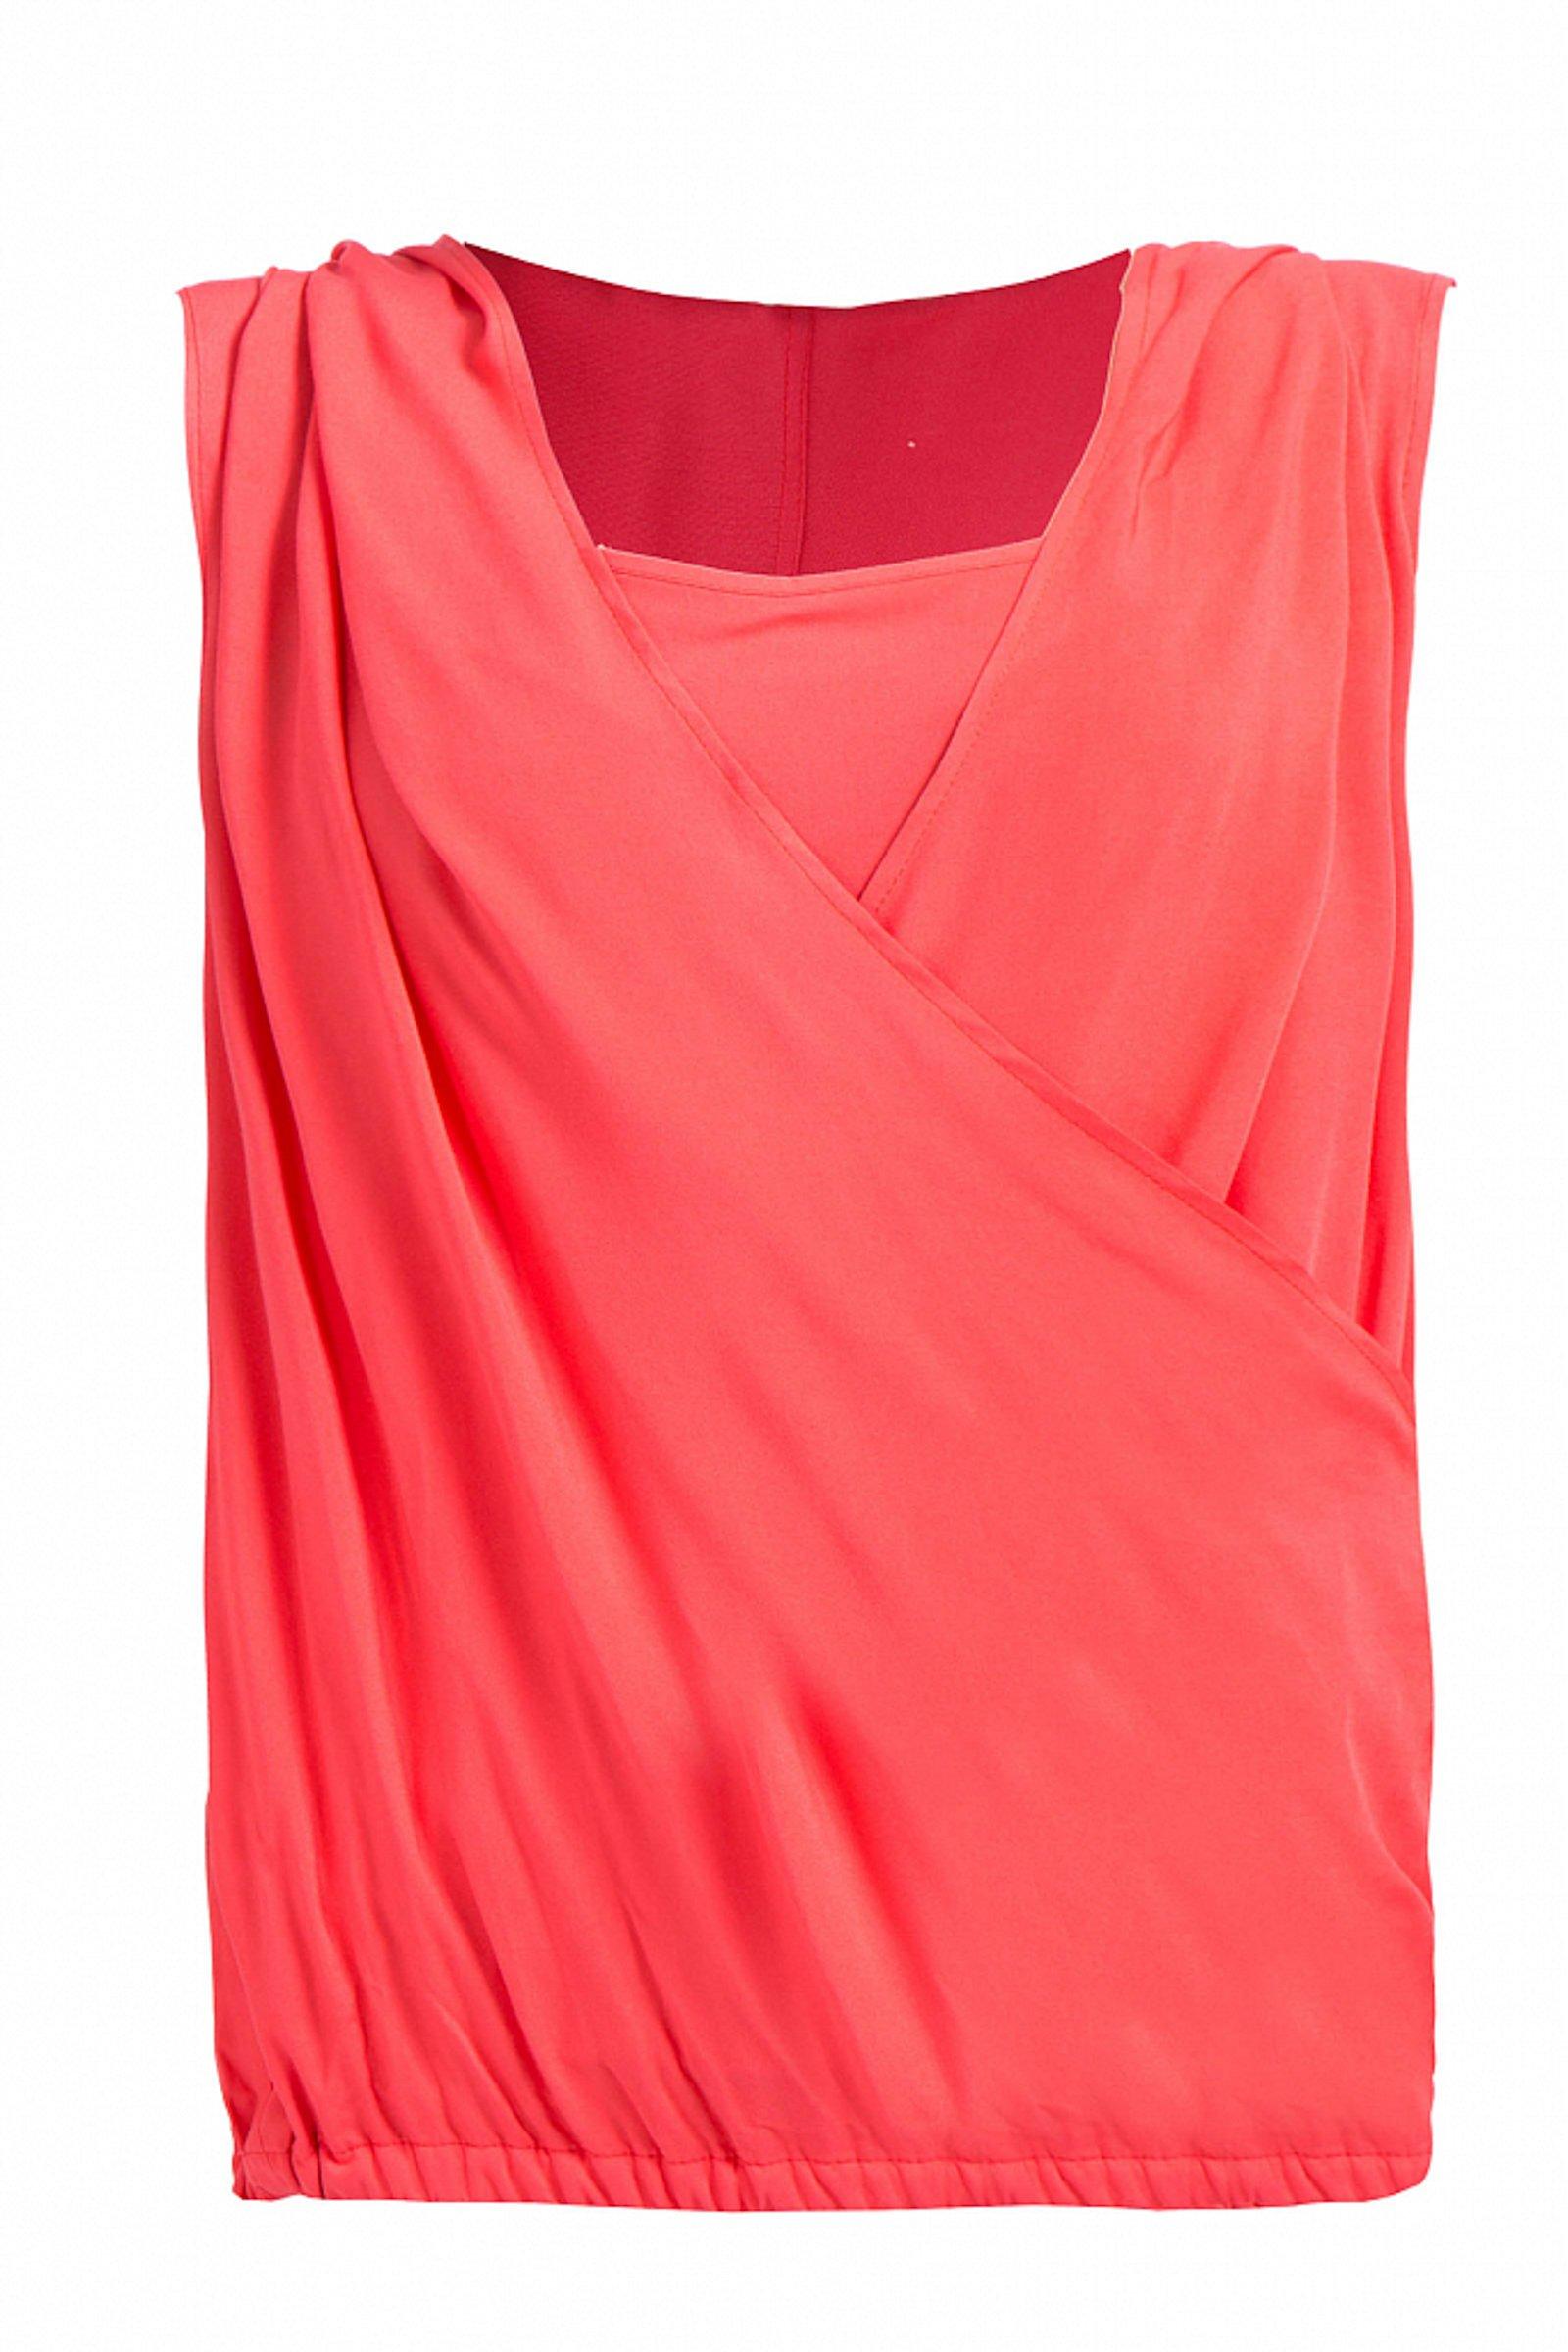 Блузка женская, Модель CS17-17042, Фото №6